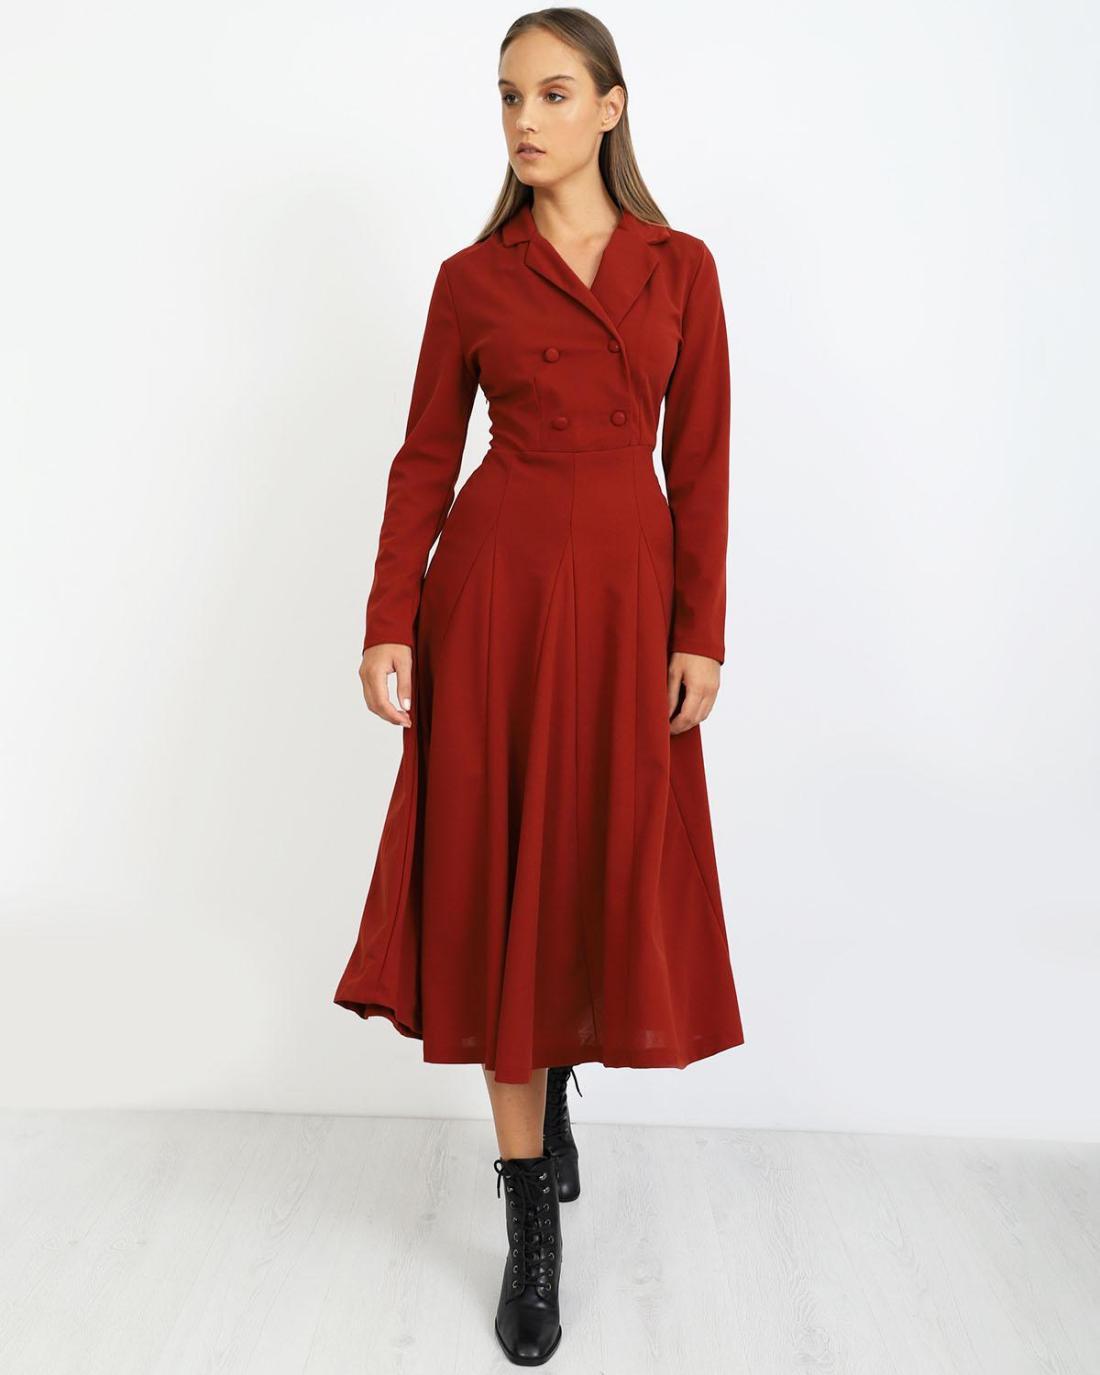 Μίντι φόρεμα κόκκινο